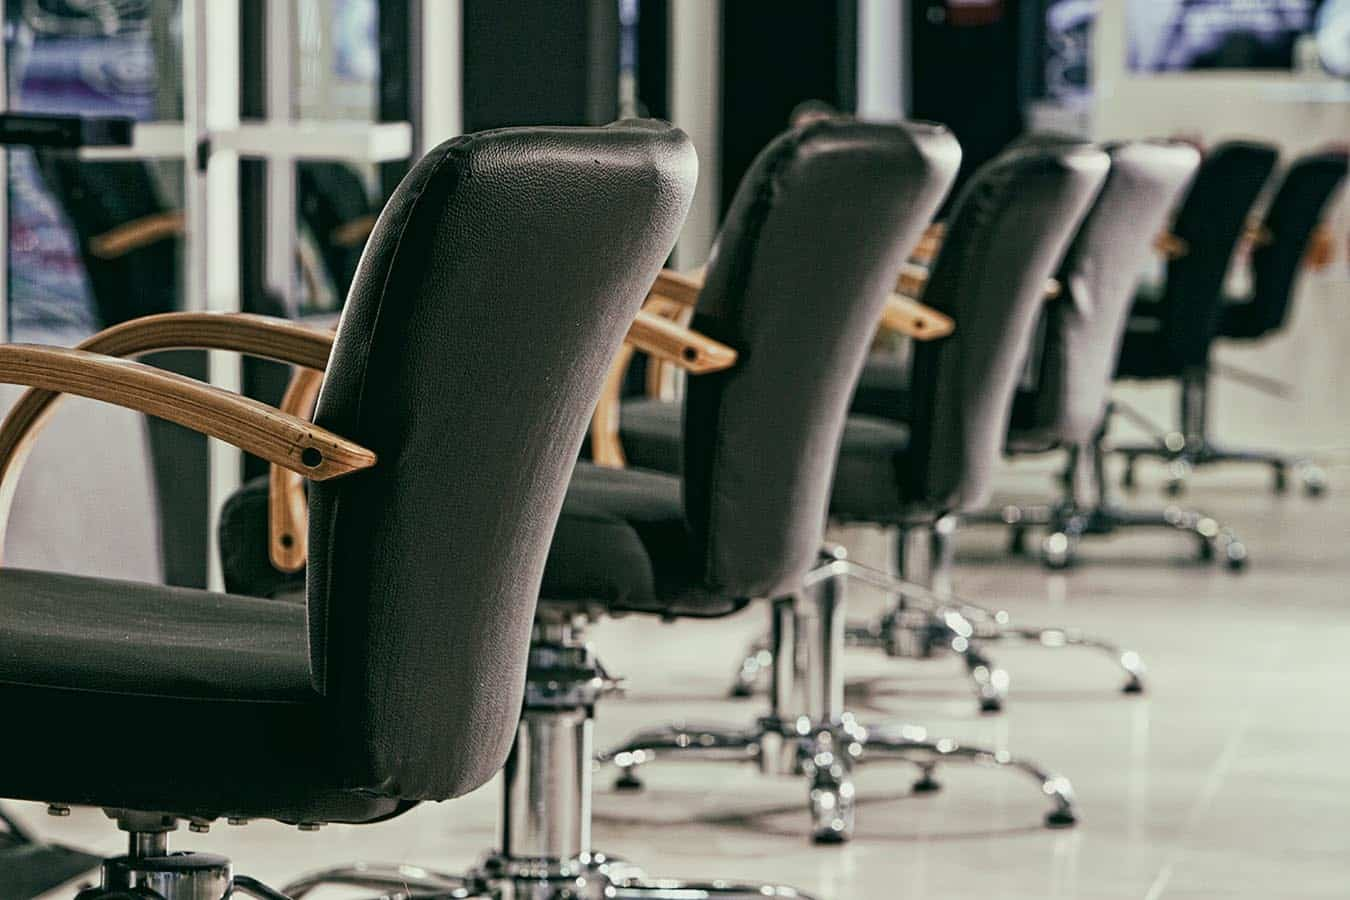 peluqueria y estetica valladolid peluquerias pipol